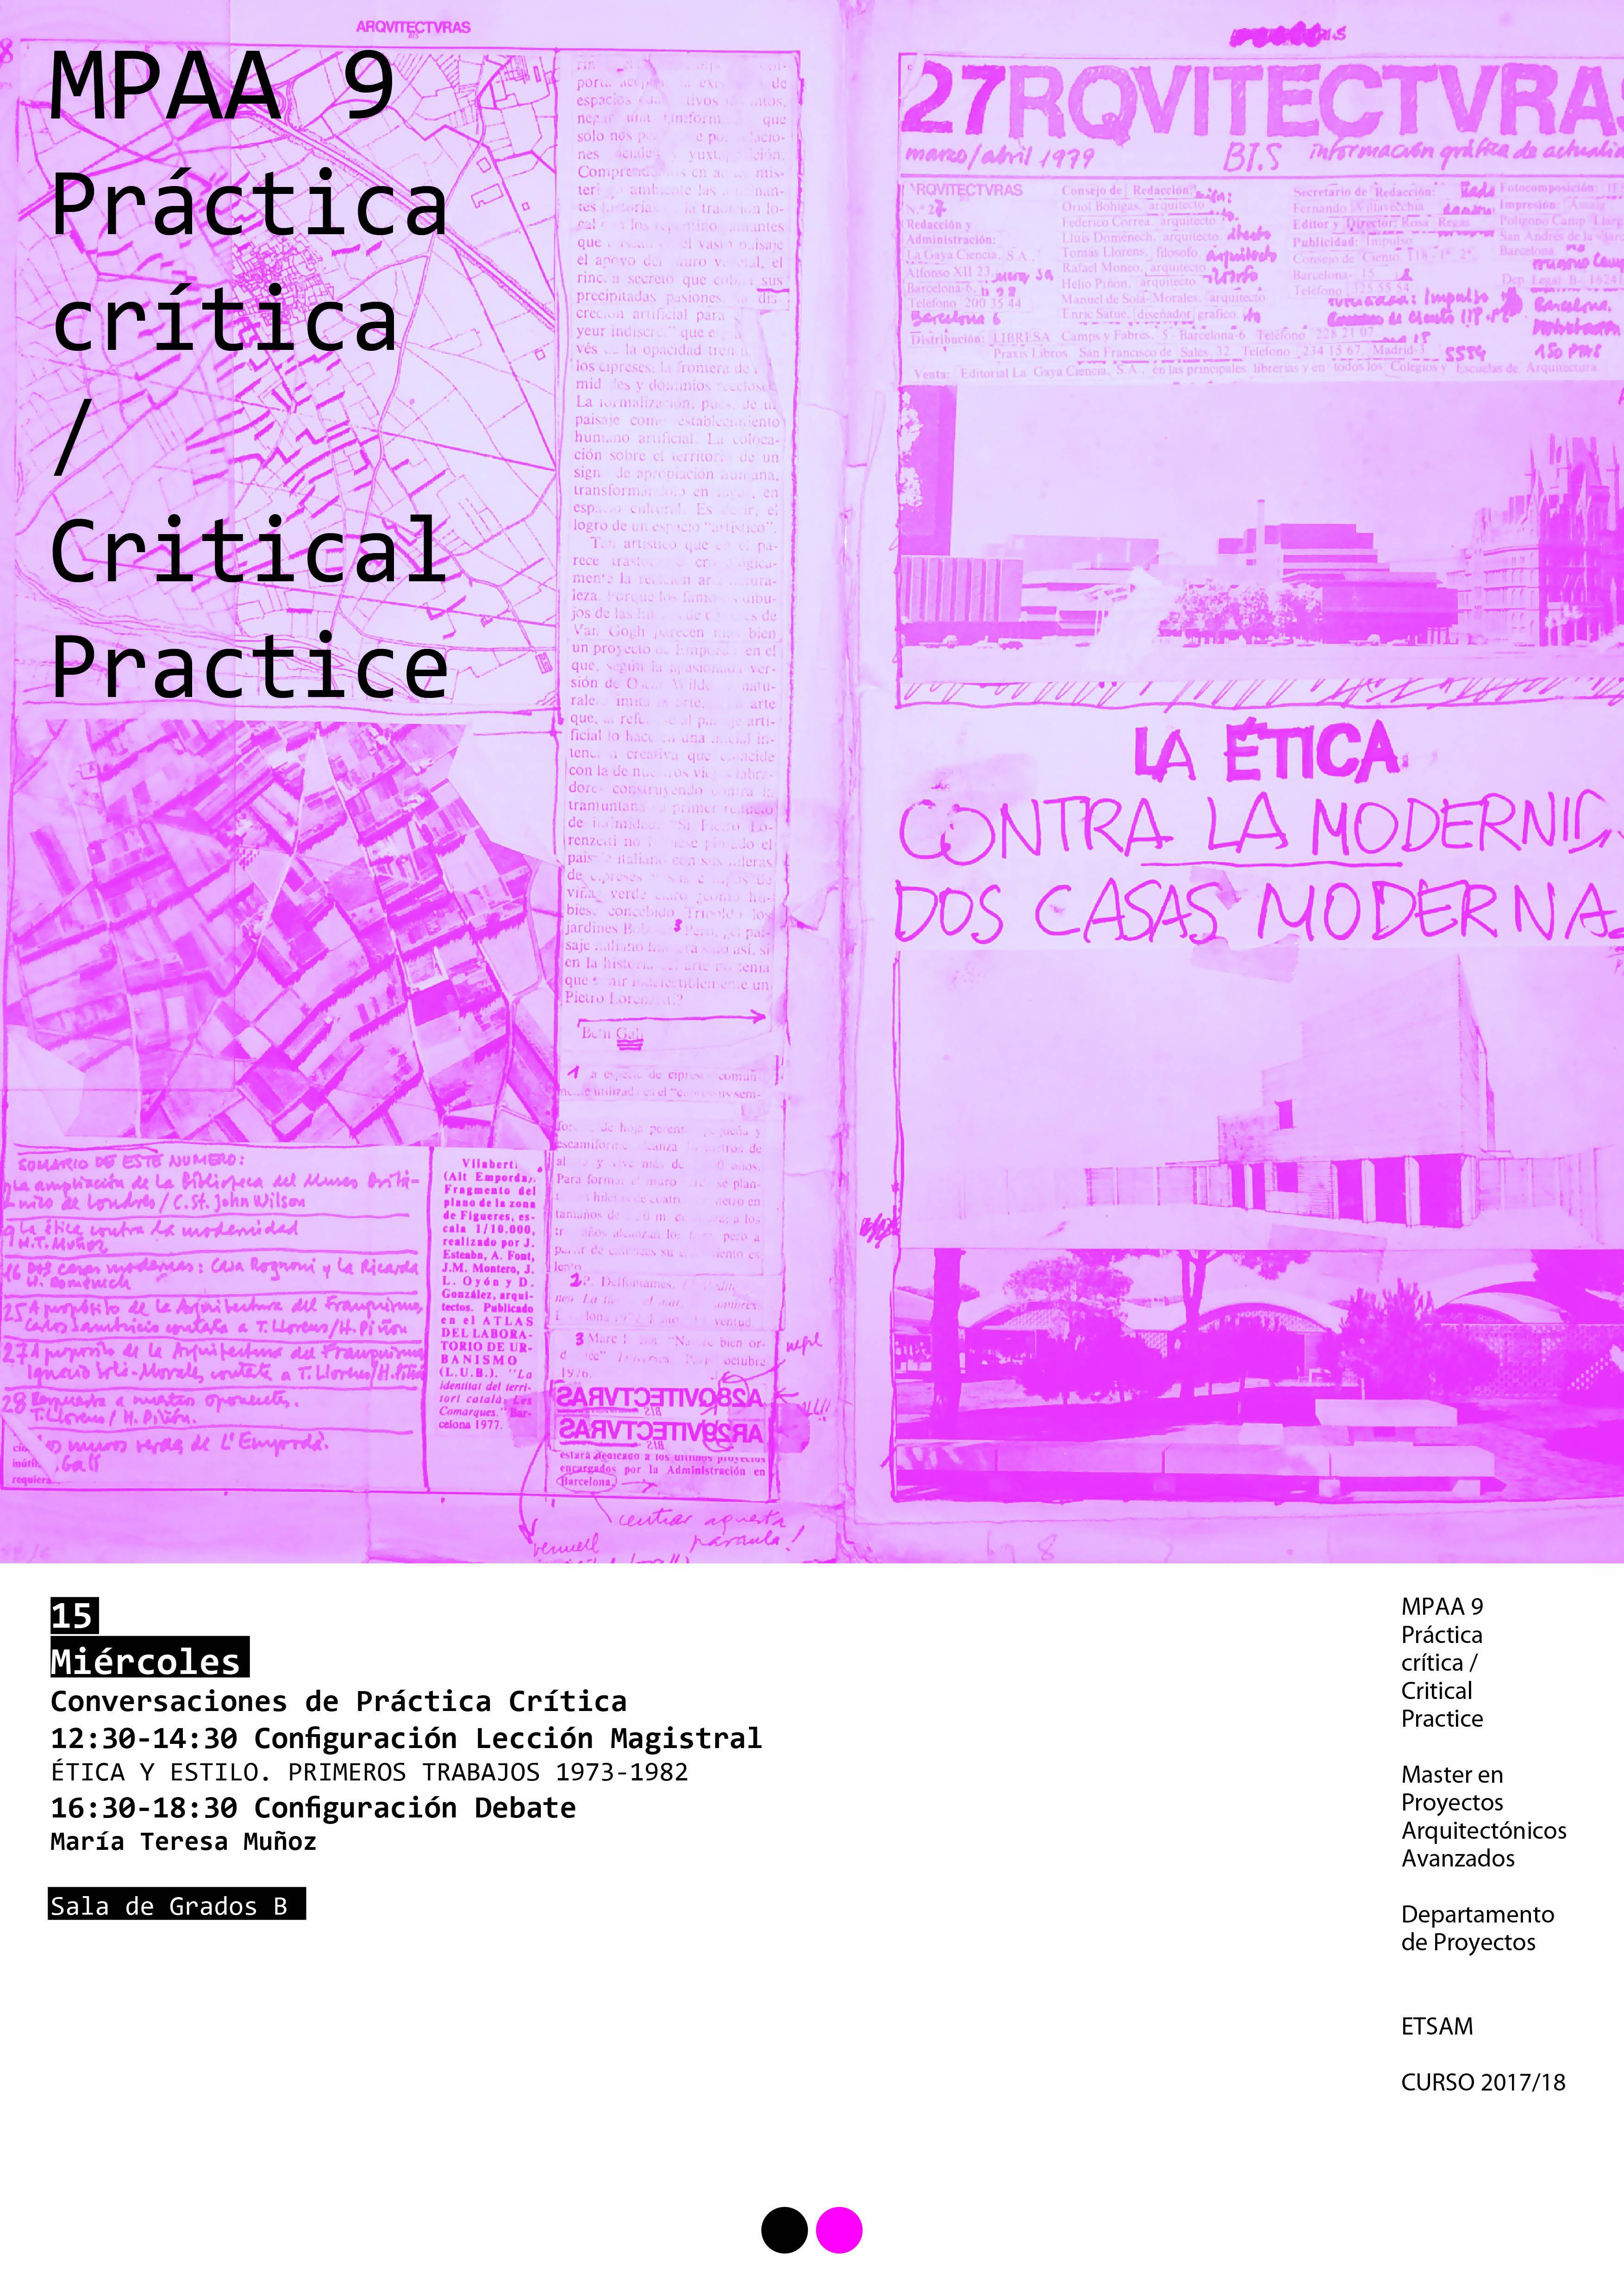 Cartel María Teresa Muñoz ÉTICA Y ESTILO. PRIMEROS TRABAJOS 1973-1982